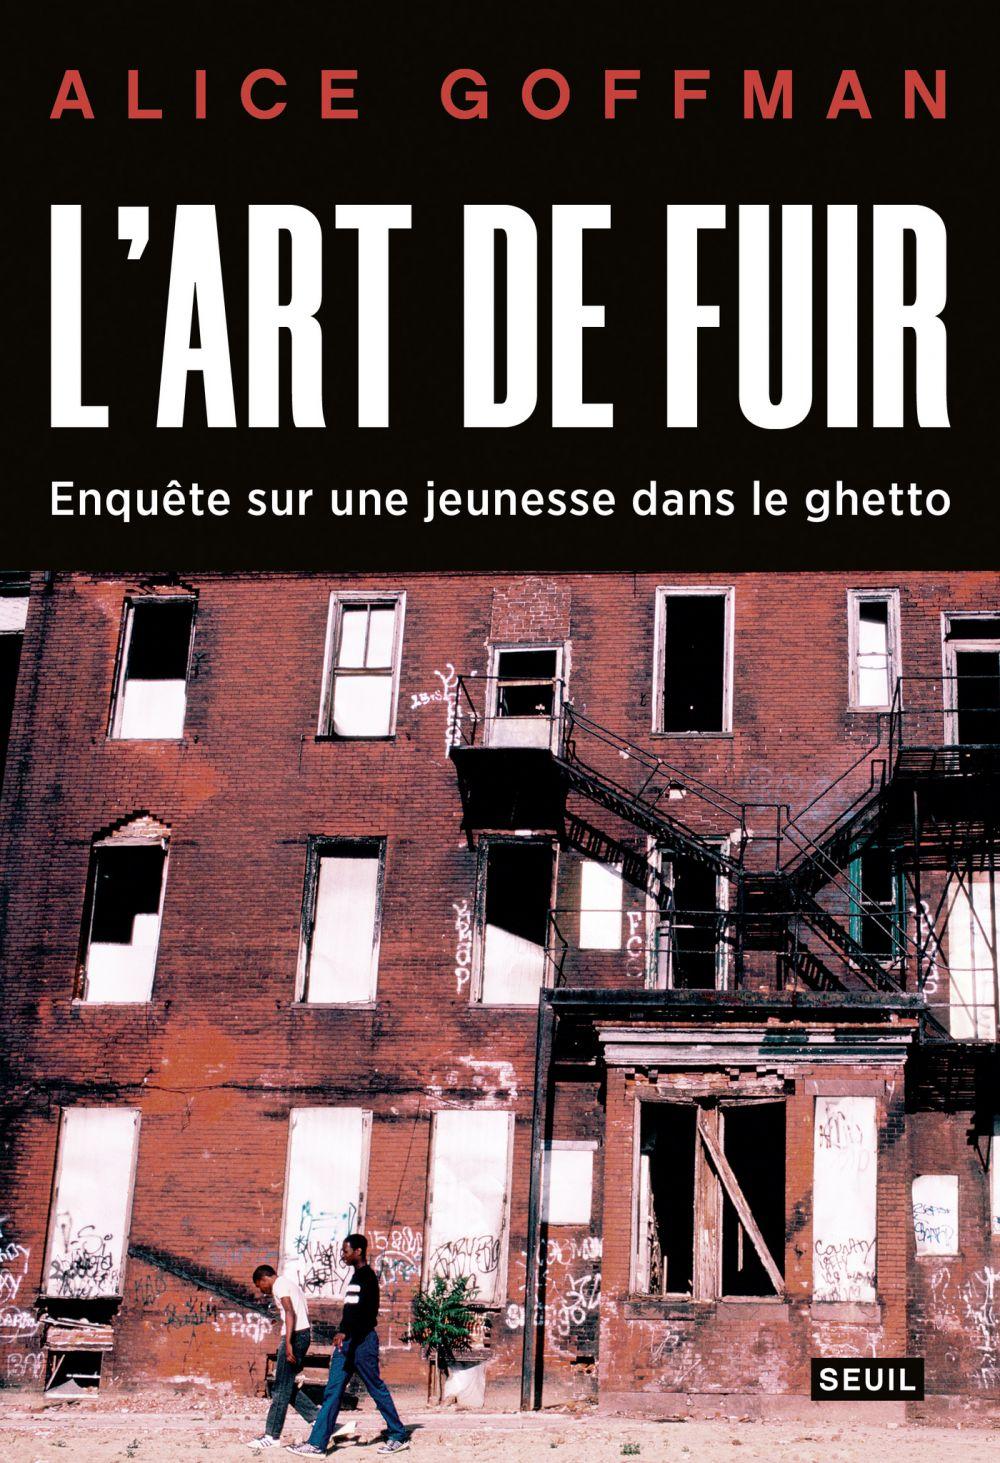 L'Art de fuir. Enquête sur une jeunesse dans le ghetto | Goffman, Alice (1982-....). Auteur